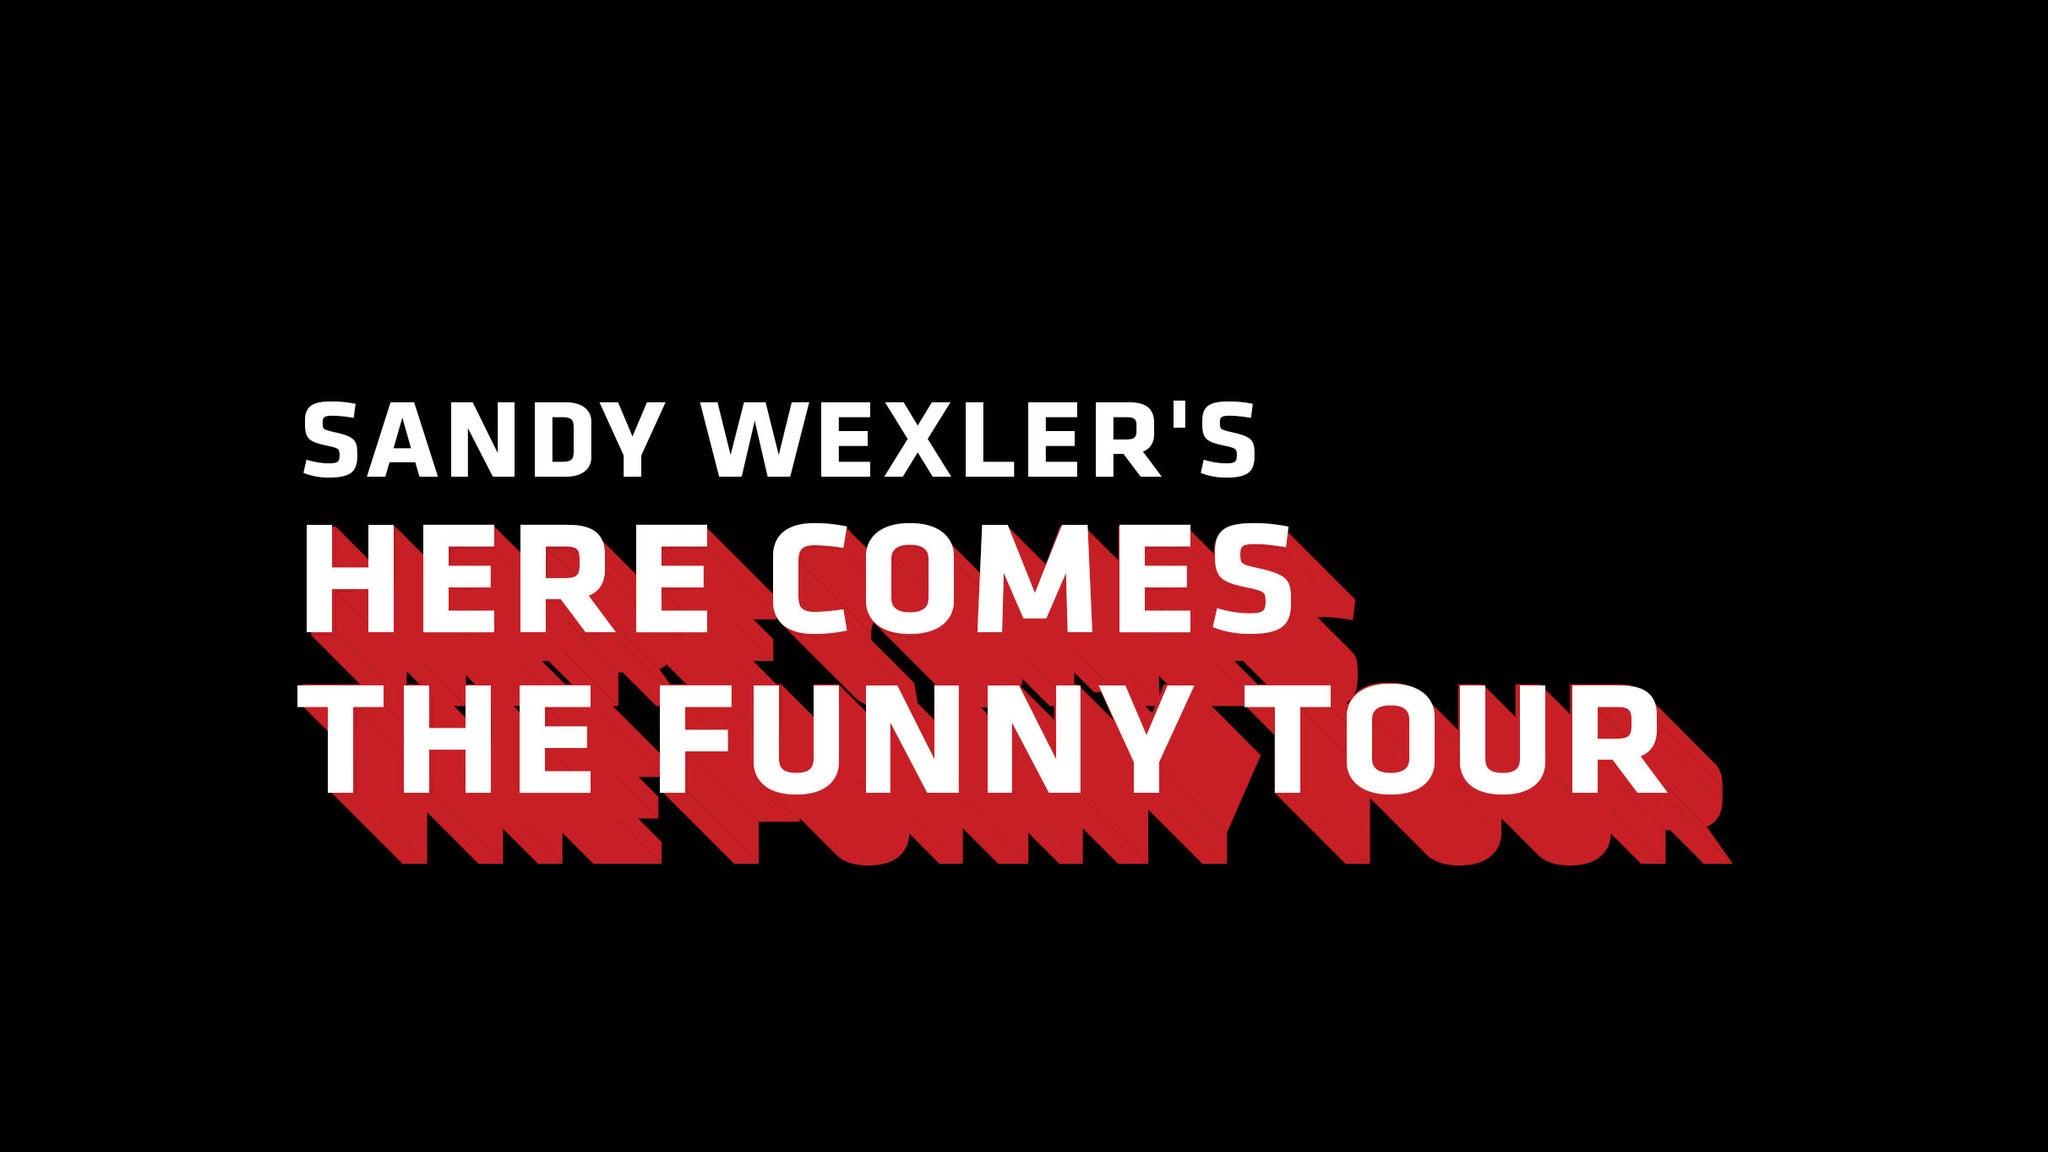 Netflix Presents: Sandler/Spade/Swardson/Schneider